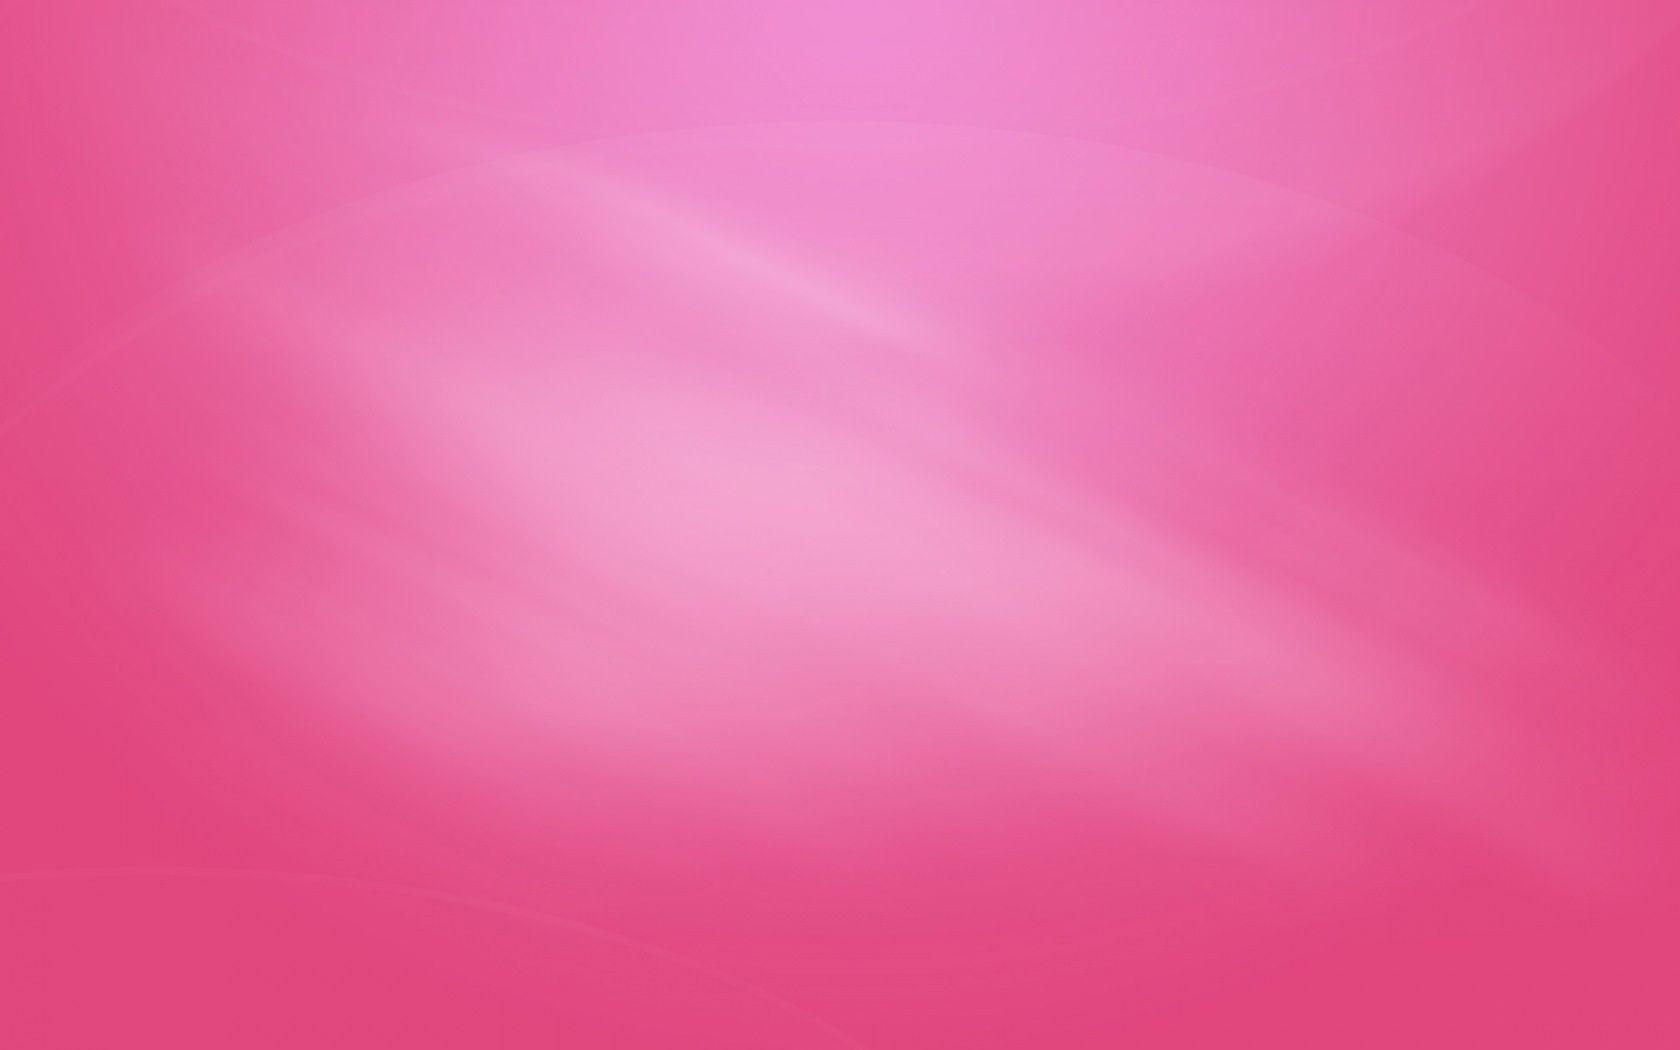 pink hd wallpaper desktop backgrounds pinterest